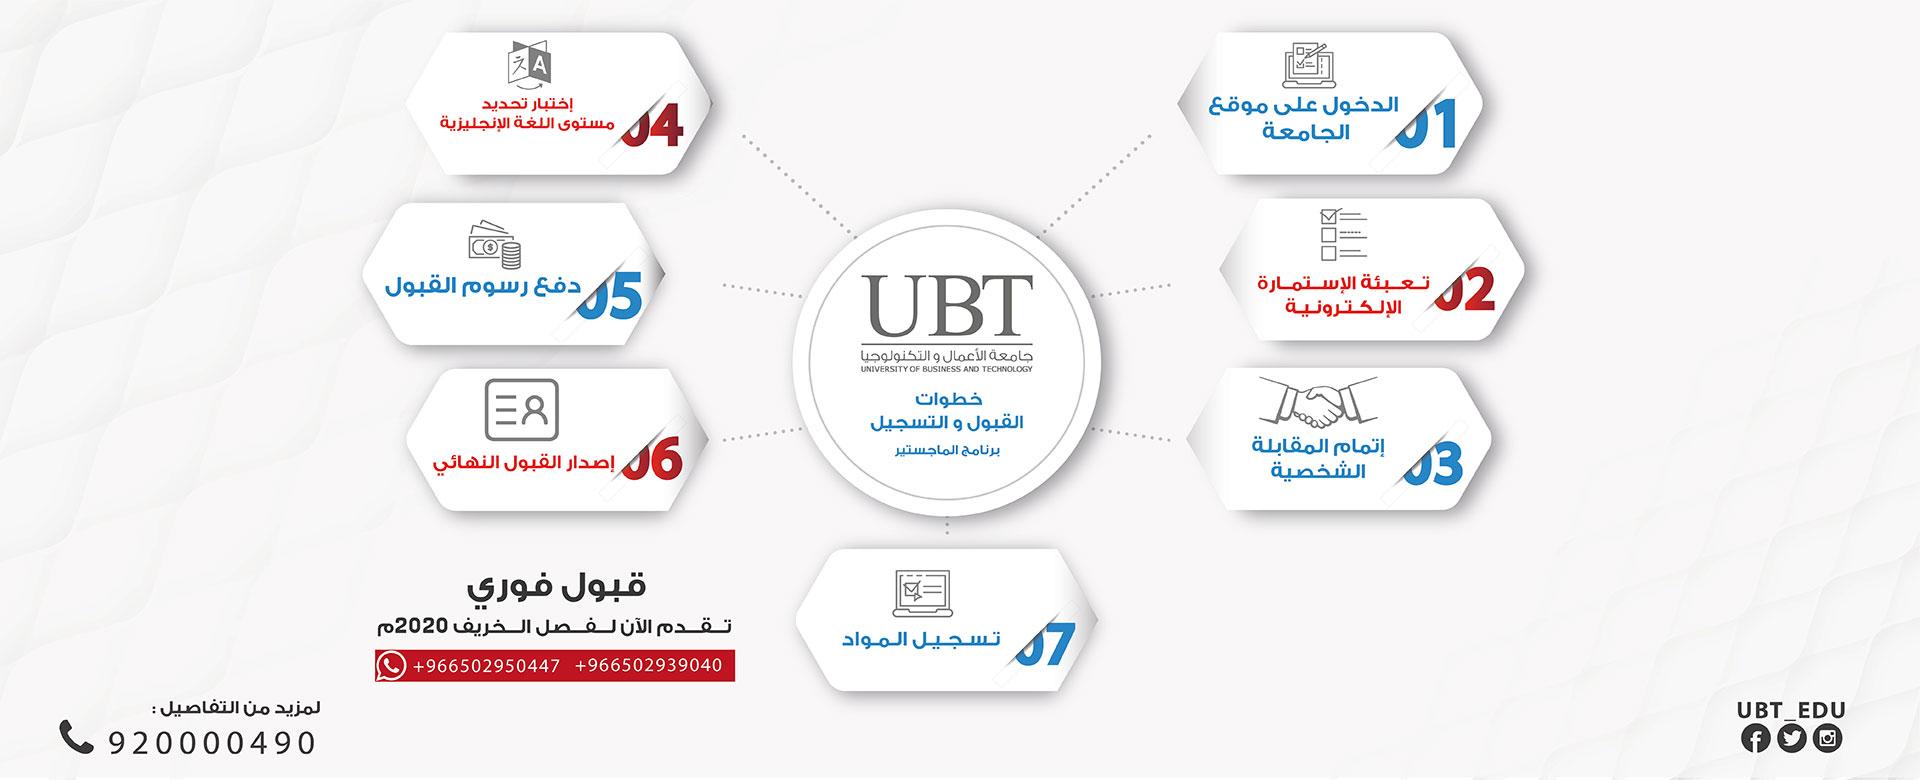 جامعة الأعمال والتكنولوجيا